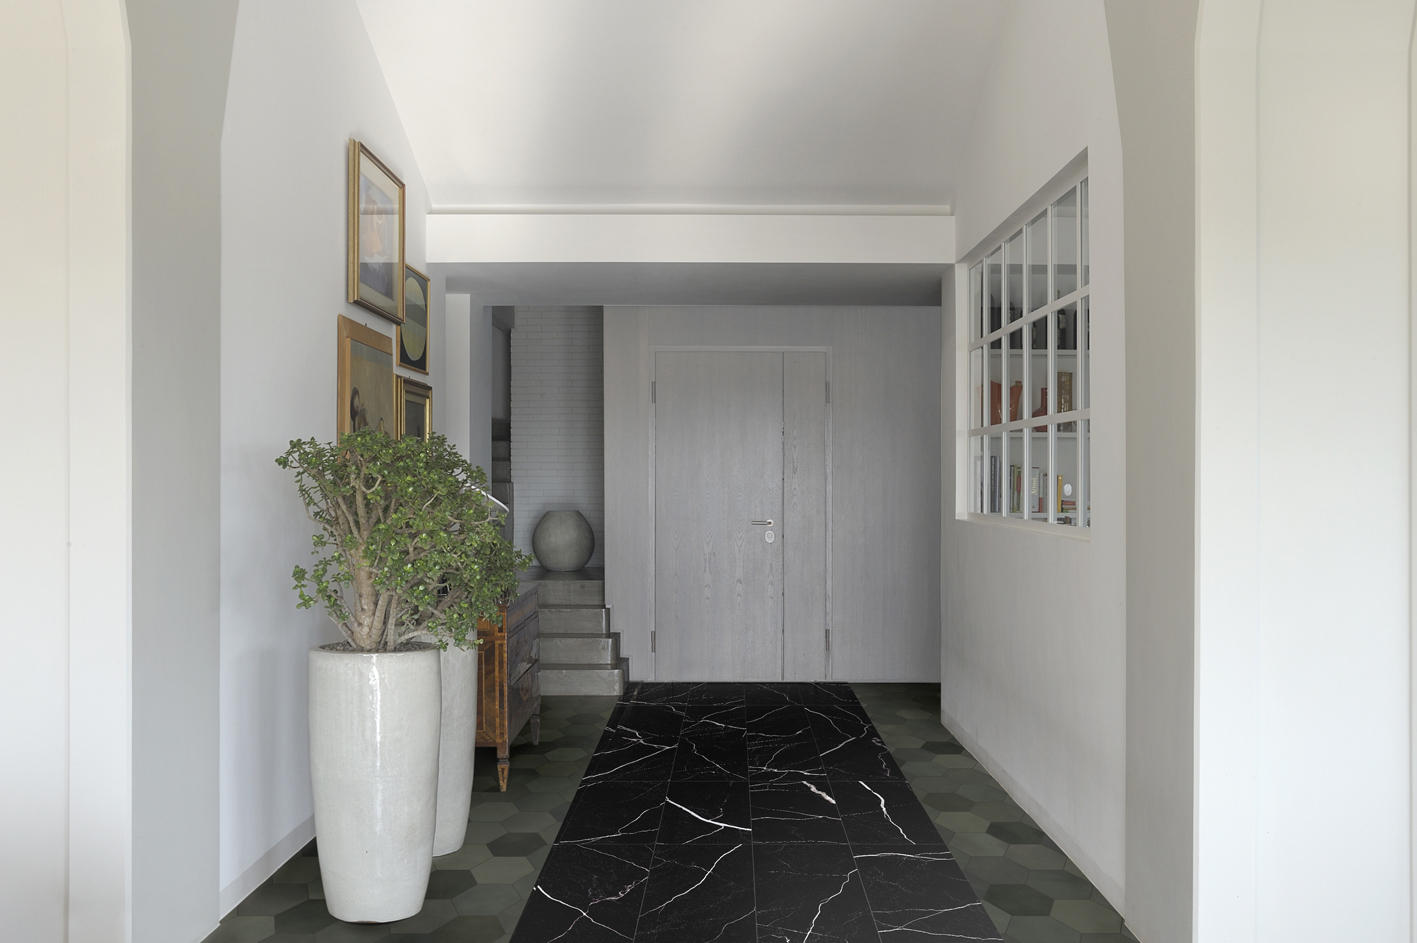 Mate Mosaic Terra Avorio Ceramic Tiles From 41zero42